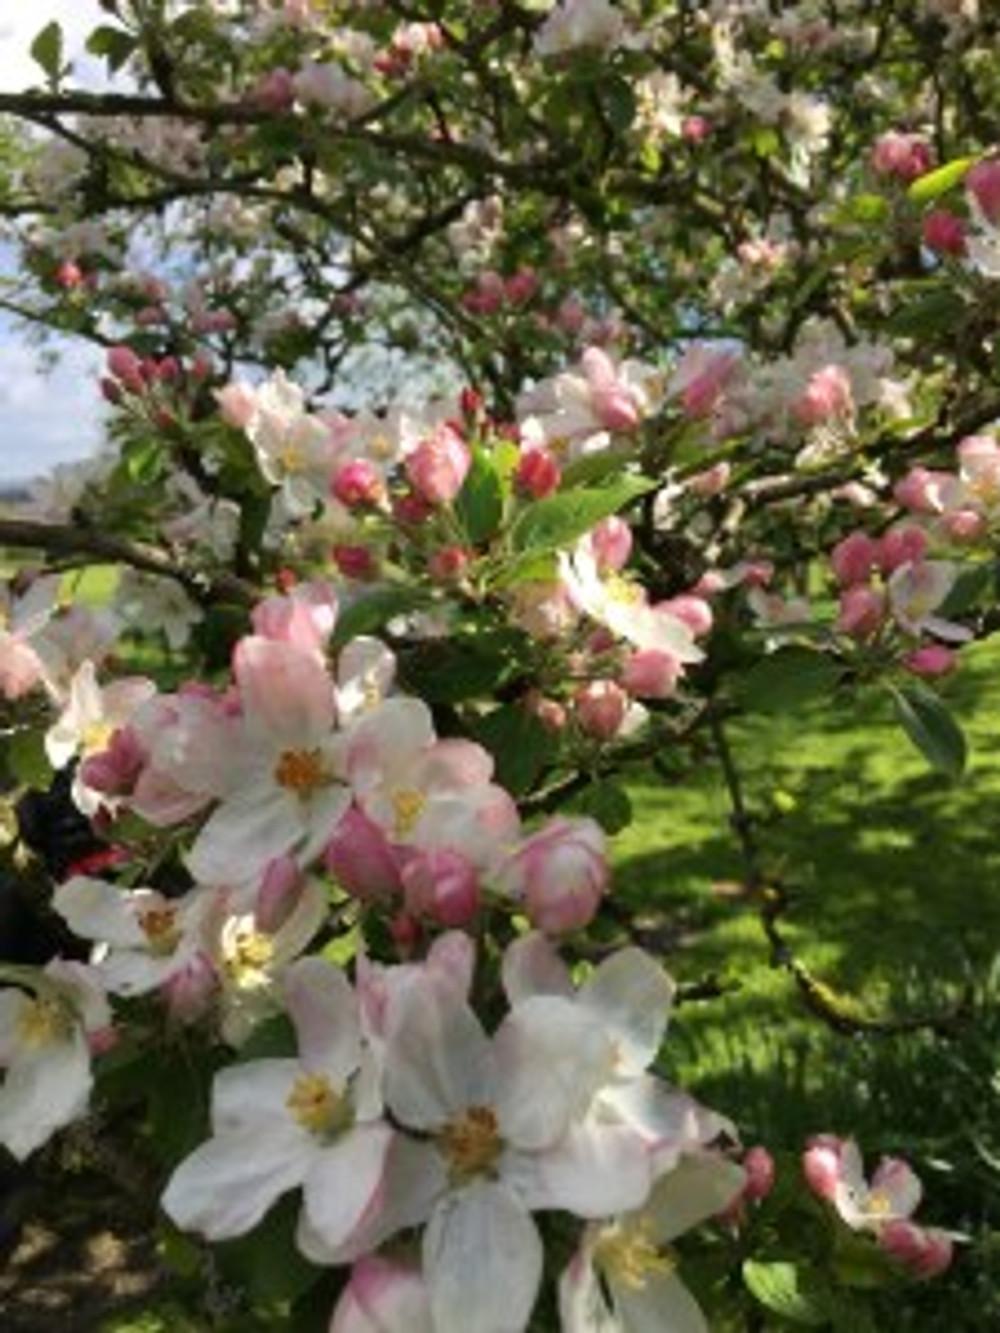 La Blanchetière pommiers en fleurs campagne pays d'auge